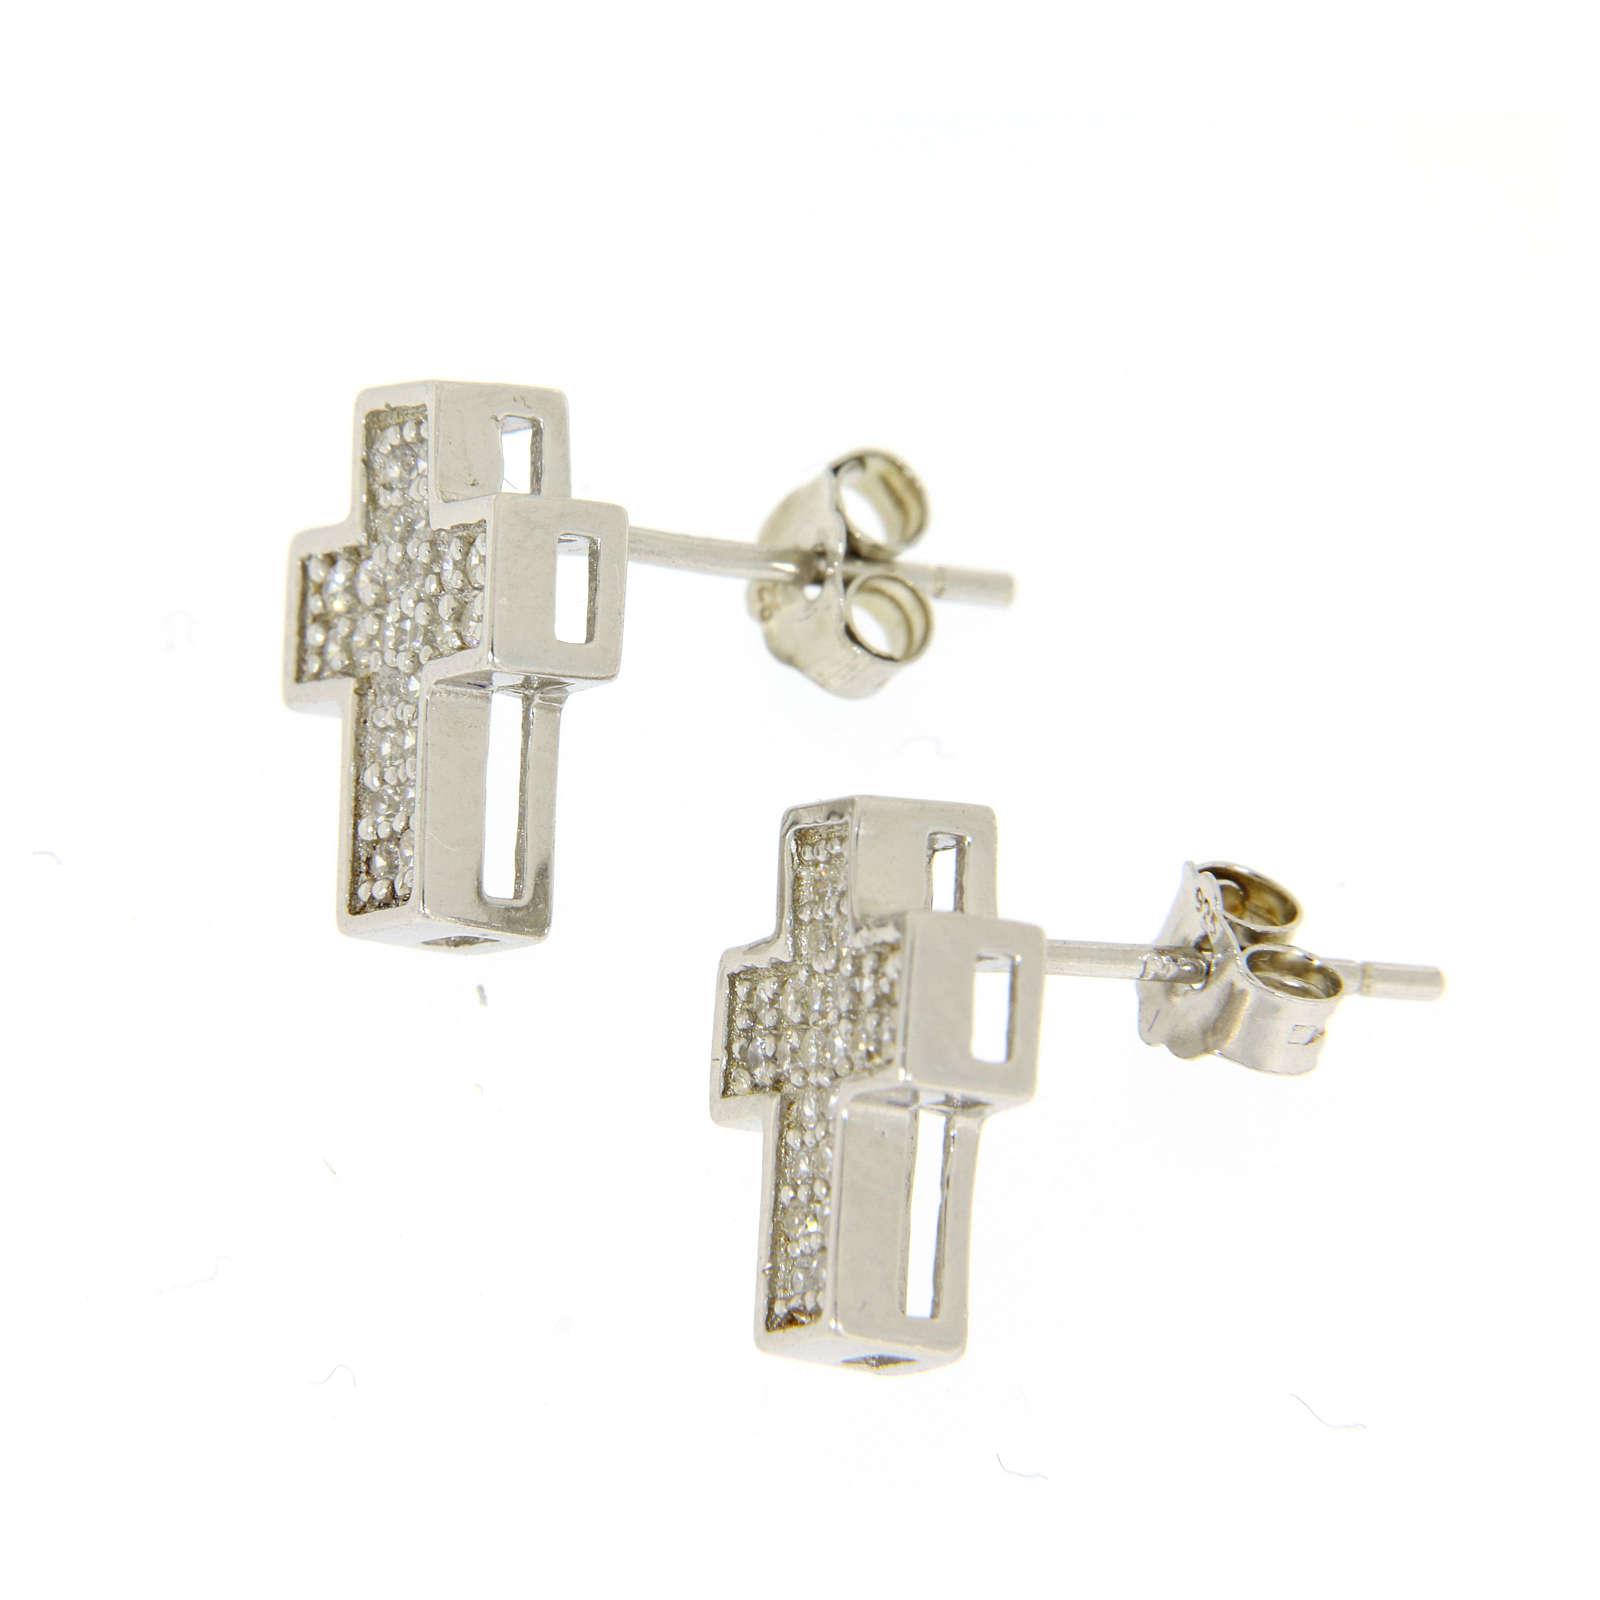 Aderezo plata 925: pendientes, cadena colgante y cruz 4